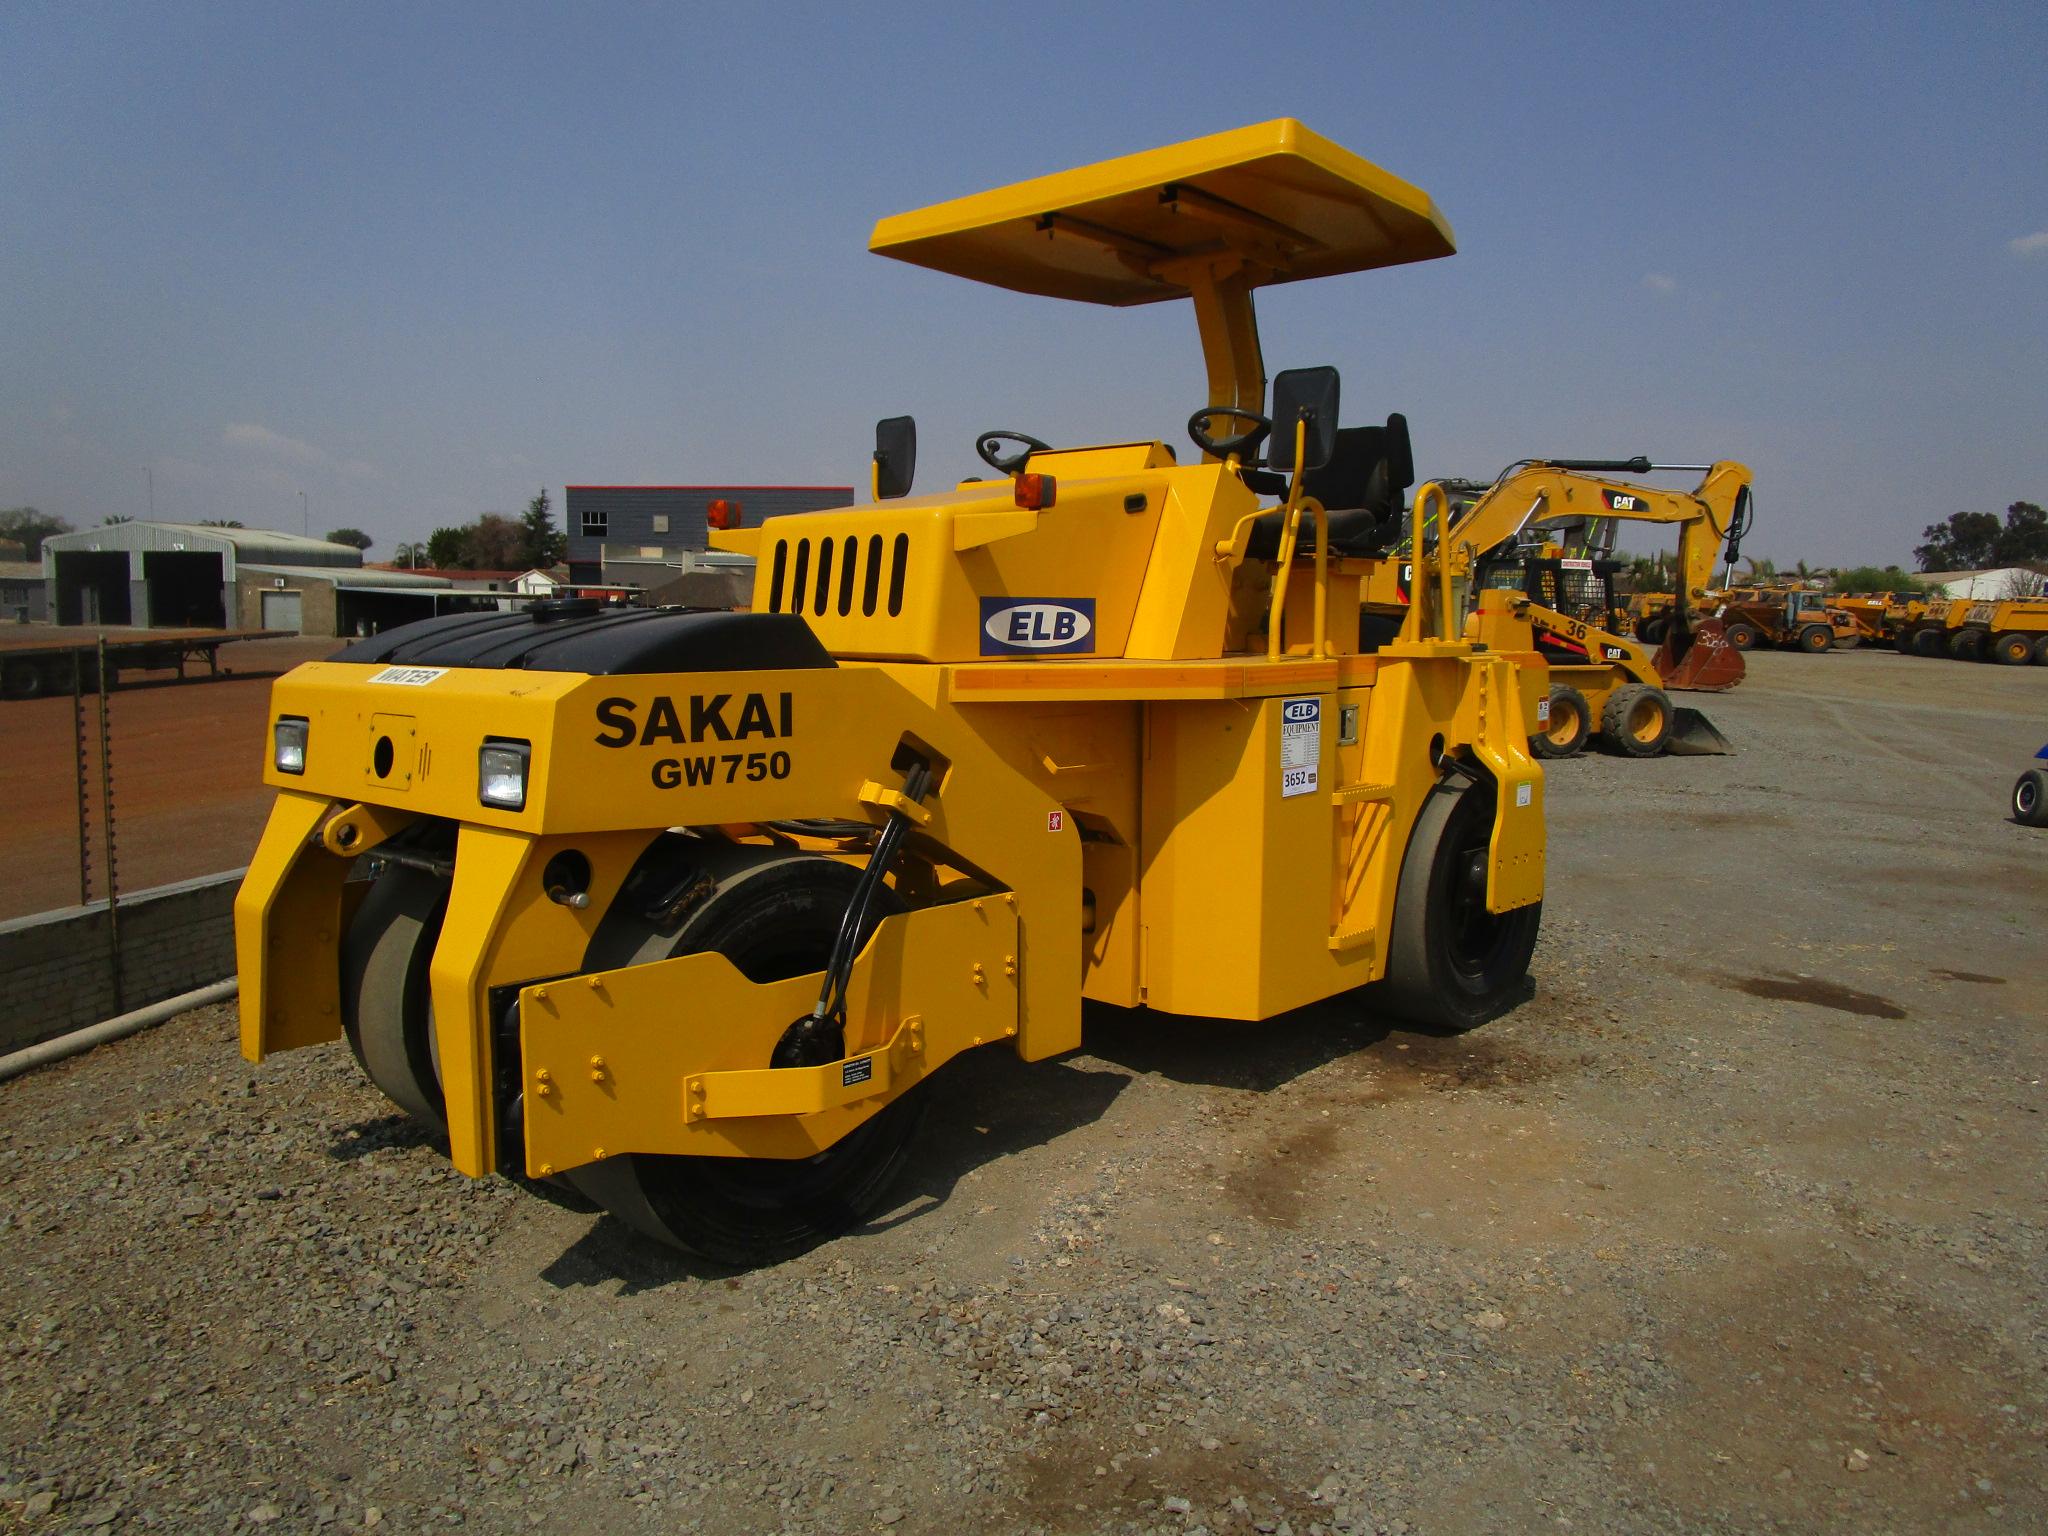 SAKAI GW750